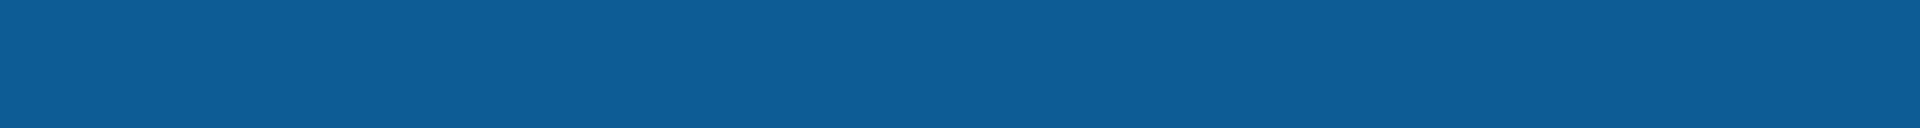 komp-act-logo